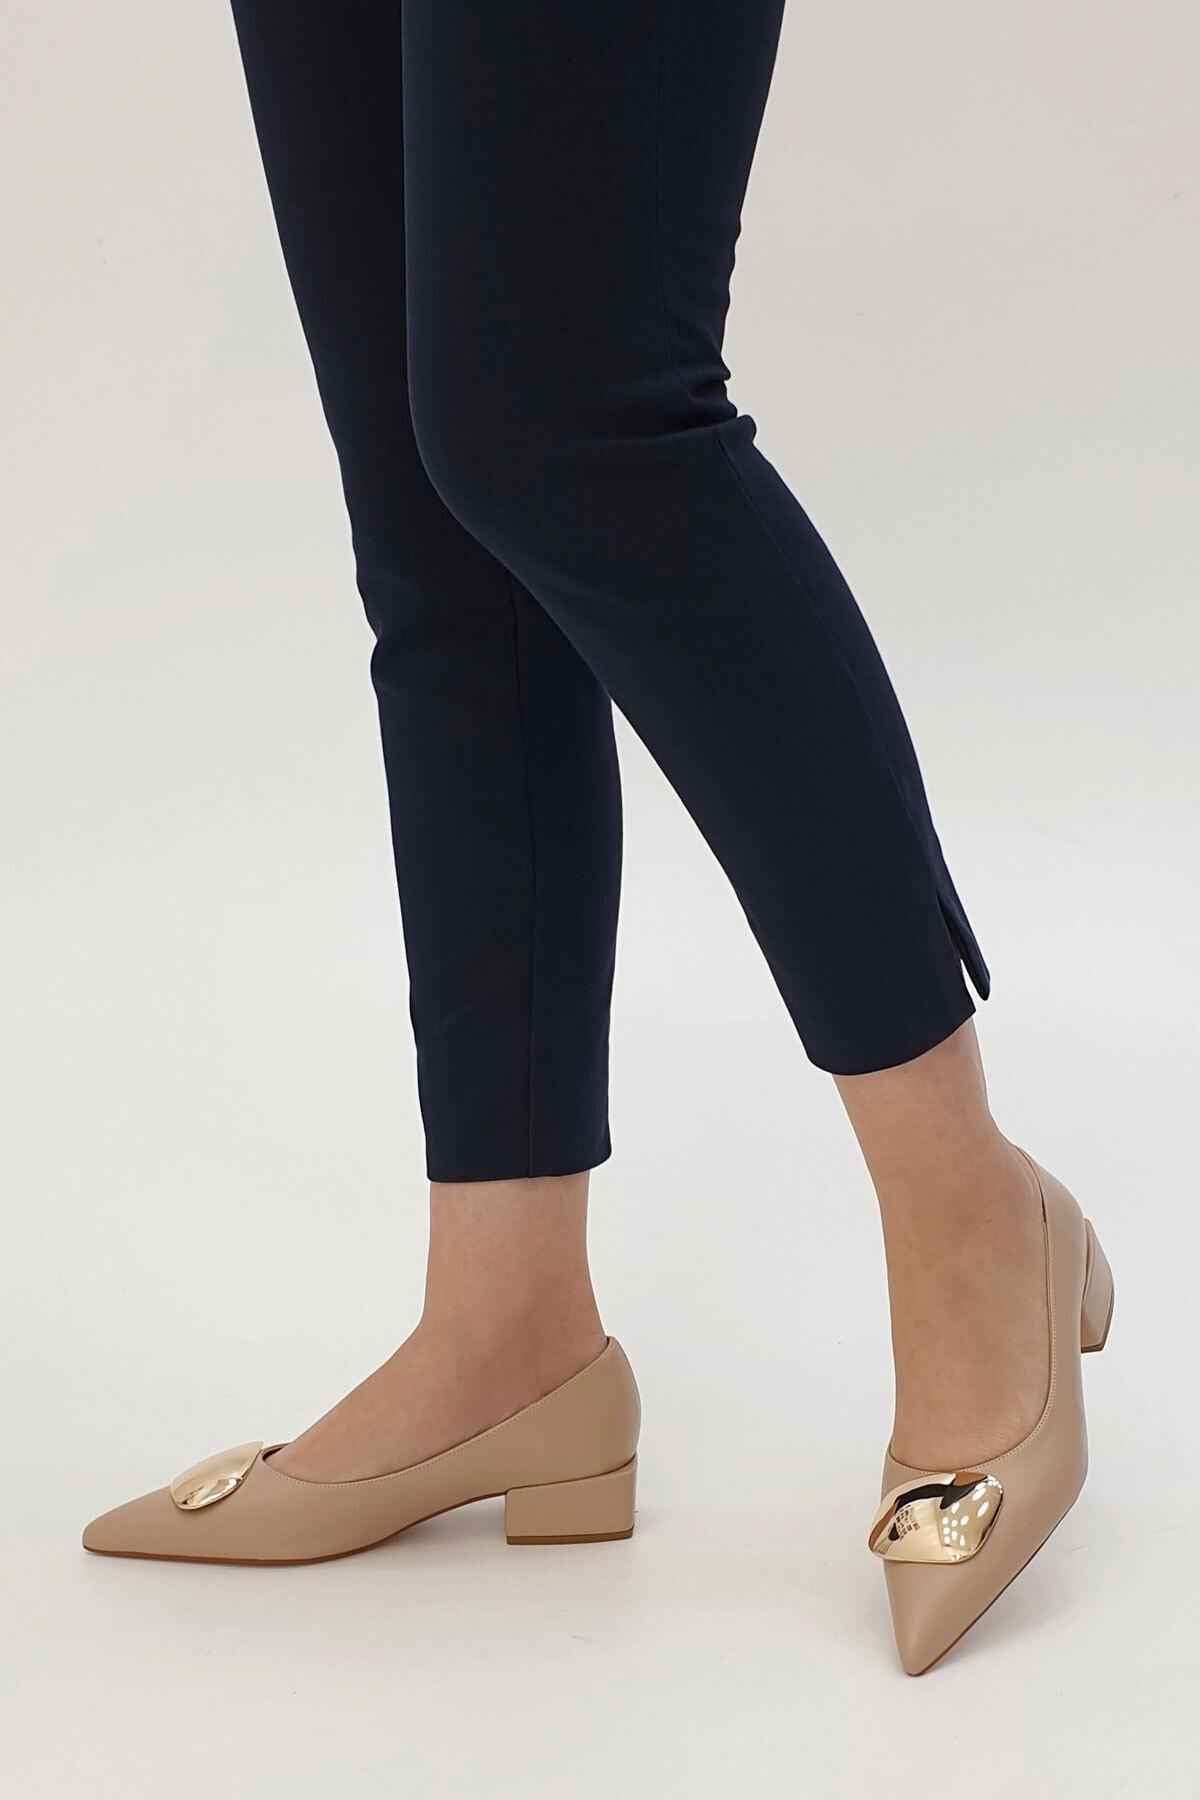 Marjin Kadın Bej Linva Günlük Klasik Topuklu Ayakkabı 2